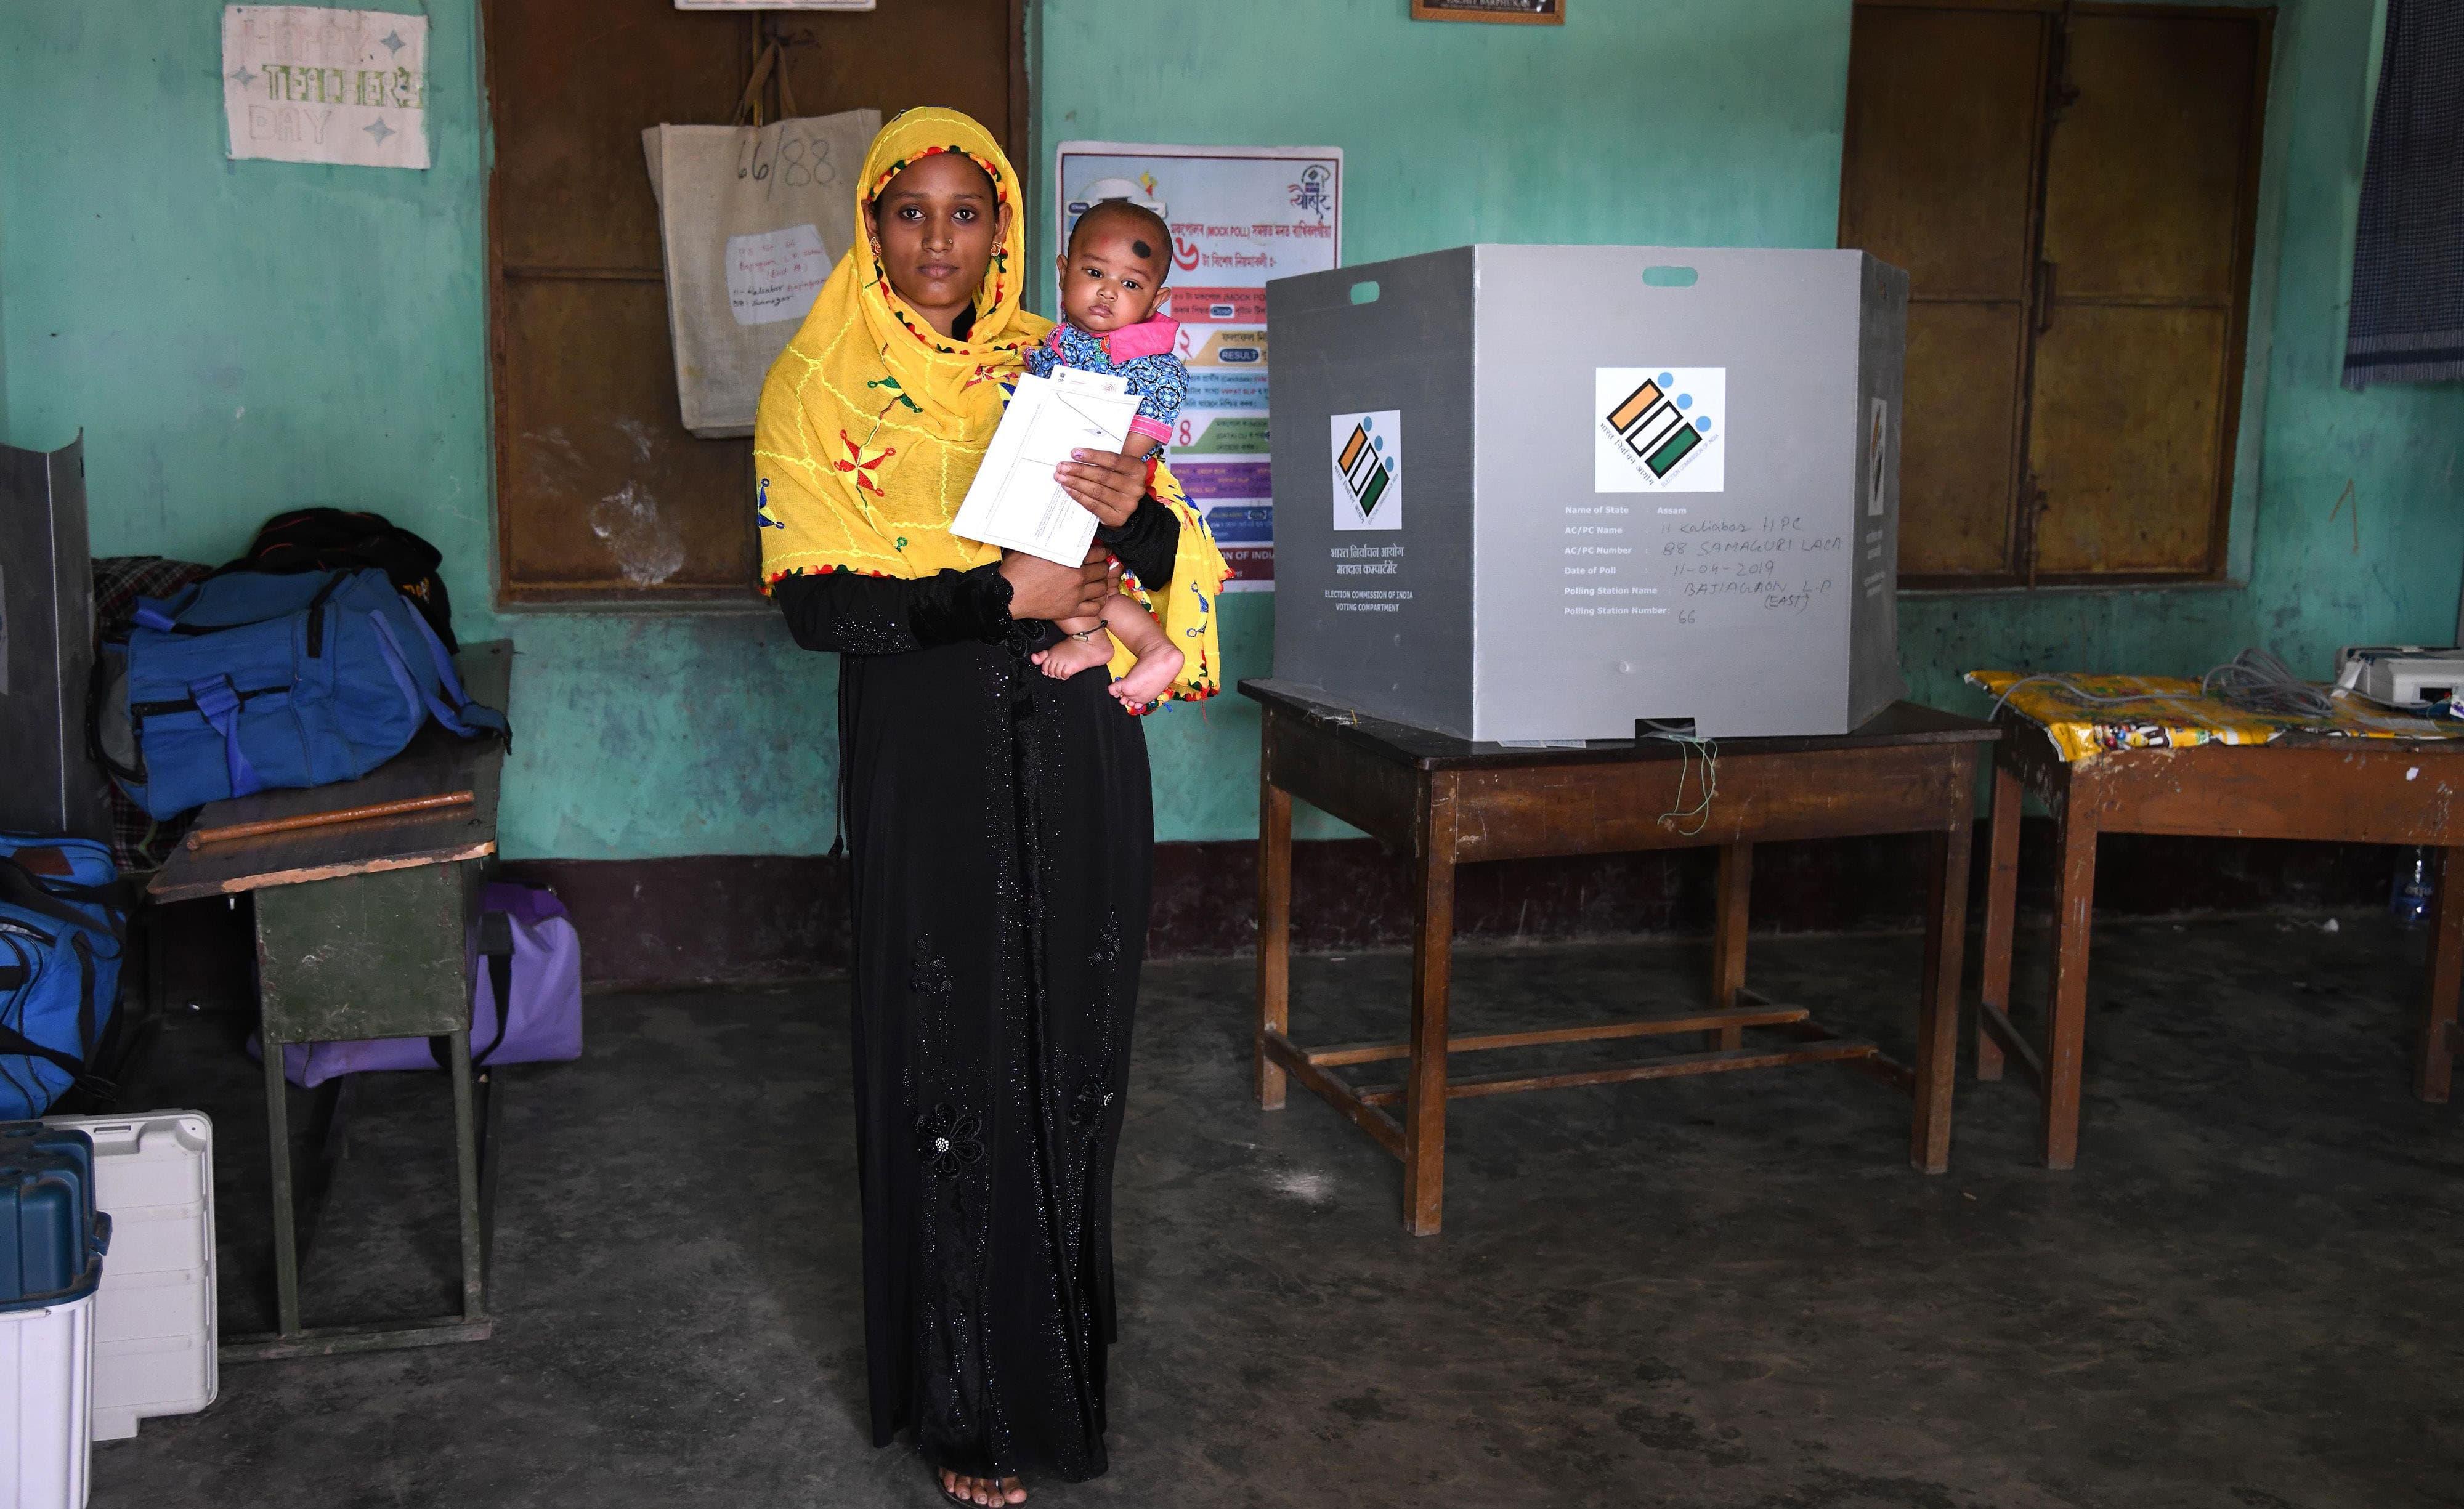 گوہاٹی کے قریب گاؤں پورندودام سے تعلق رکھنے والی خاتون بھی  اپنا حق رائے دہی استعمال کرنے کے لیے  بچے کے ہمراہ پولنگ اسٹیشن پہنچی —فوٹو/ اے ایف پی